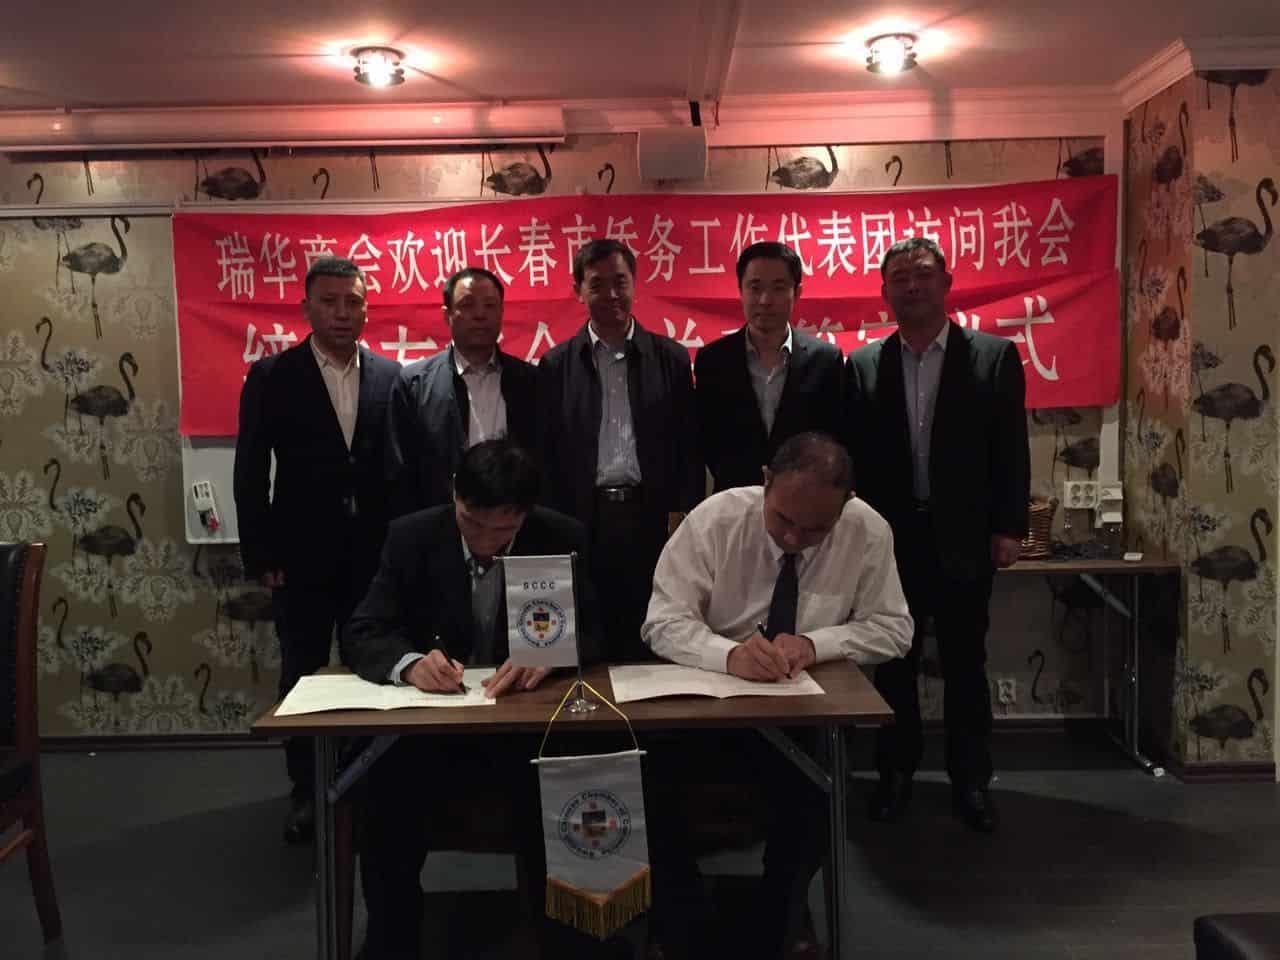 Samarbetsavtal mellan Swedish Chinese Chamber of Commerce och Changchun Municipality